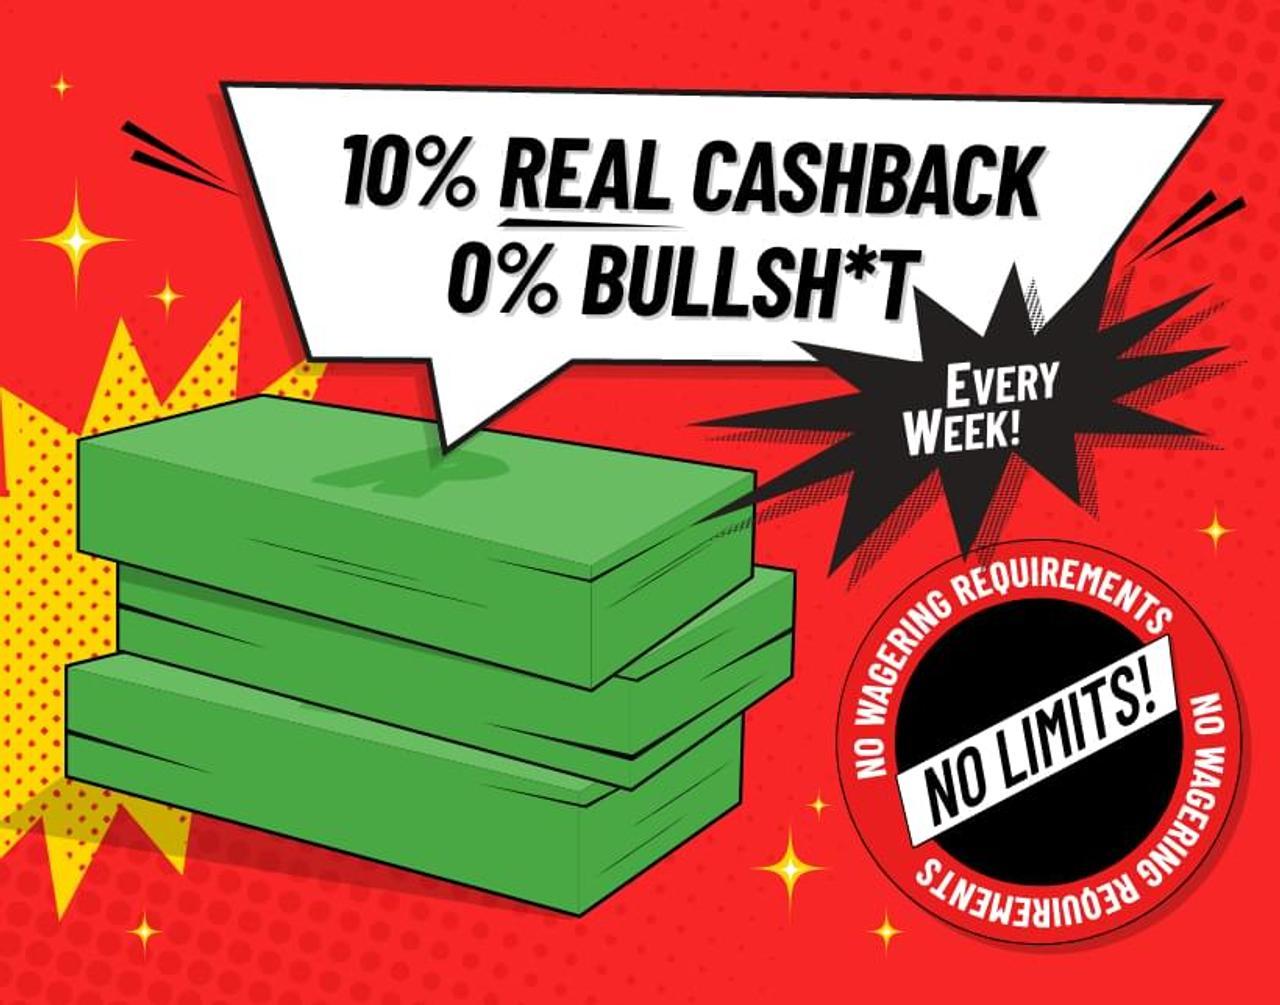 10 Cashback - Mobile